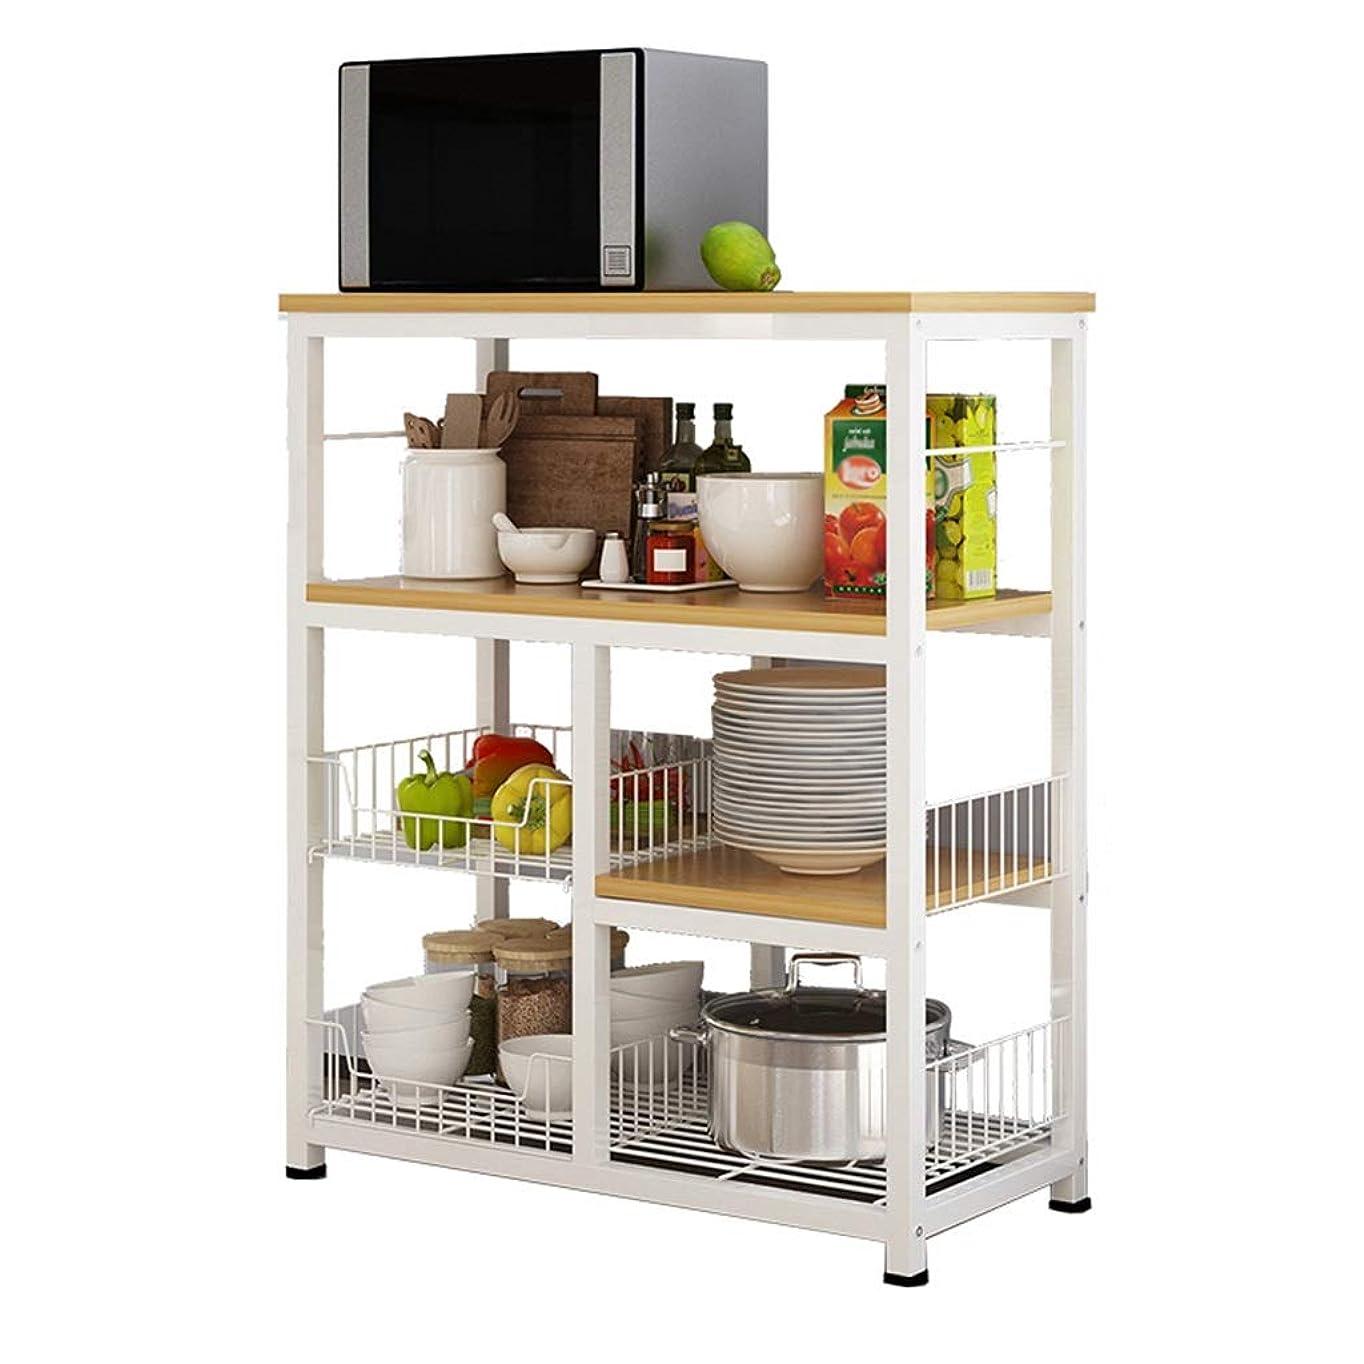 免疫崇拝します賢いキッチン、 収納ラックカトラリーキッチン用品果物と野菜のステンレス鋼収納ラック着陸多層ラック 家具